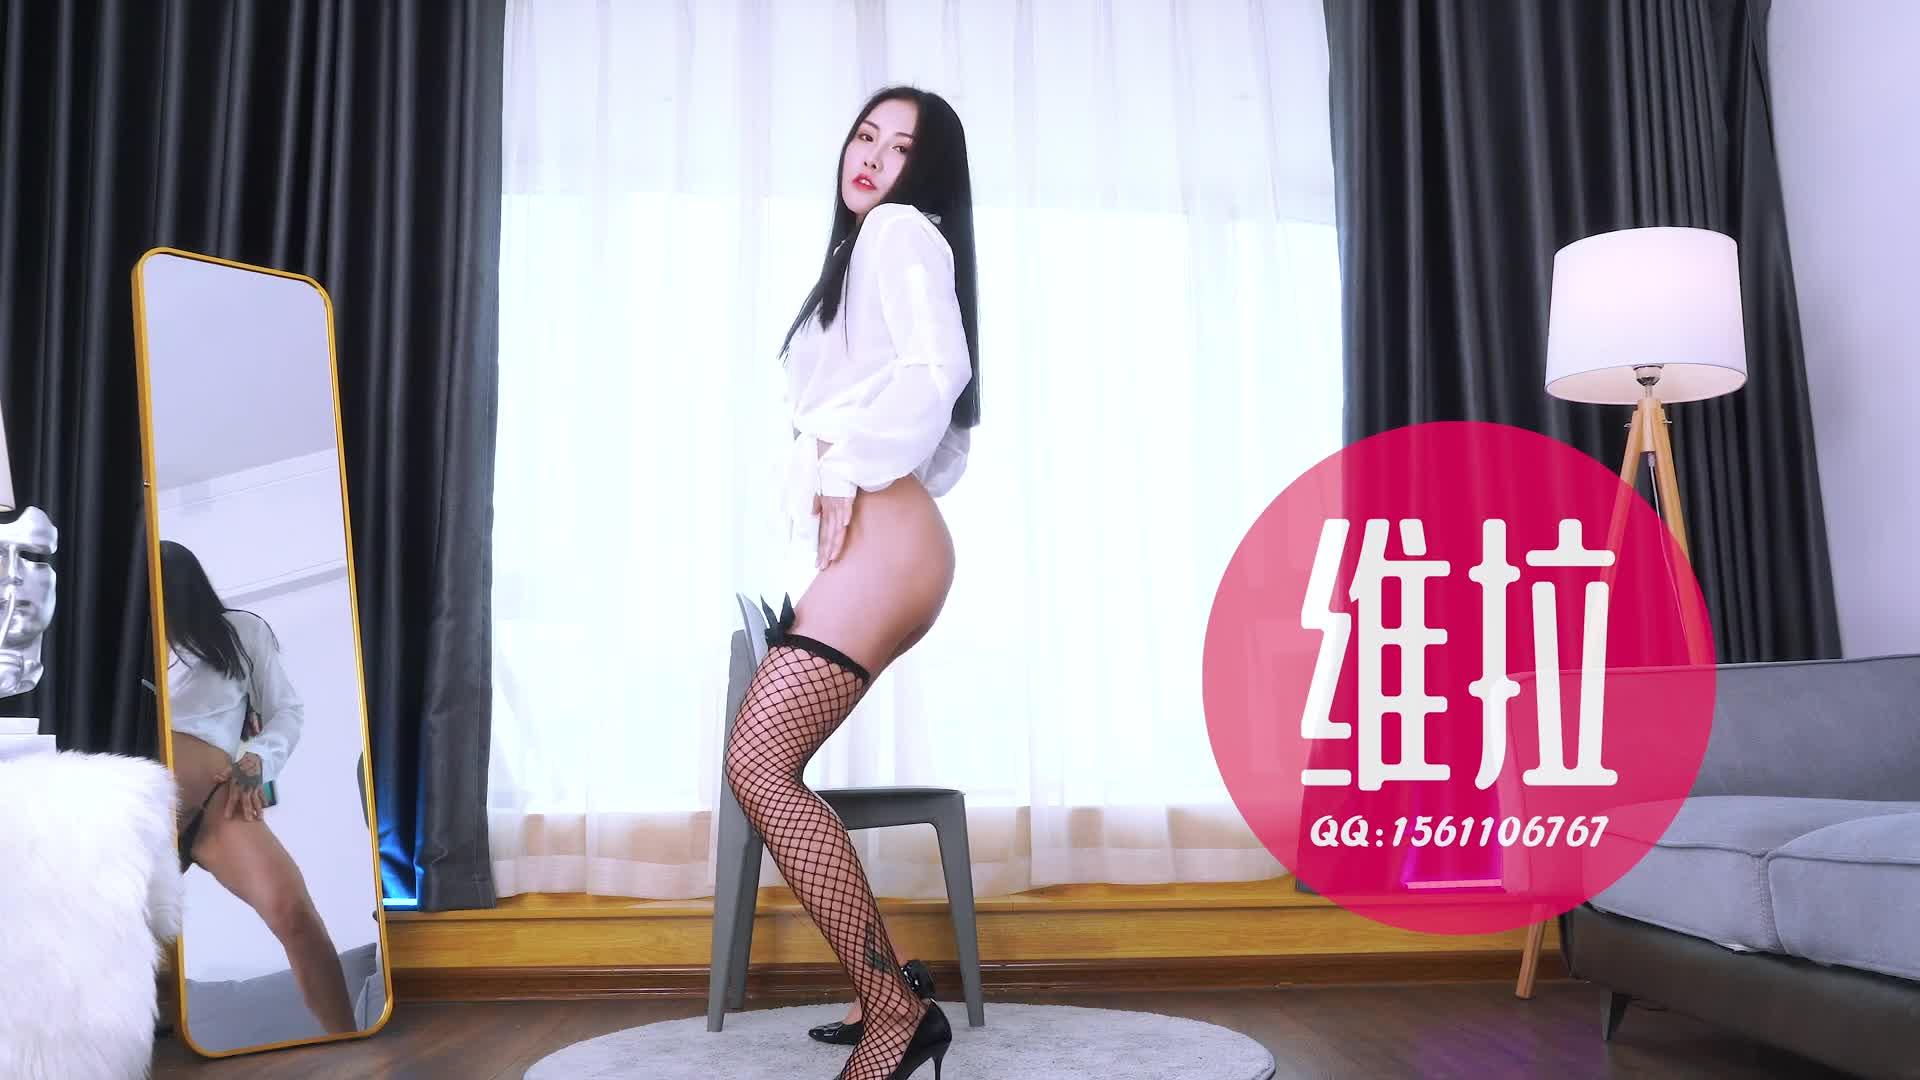 【维拉Villa王妃】女神性感热舞